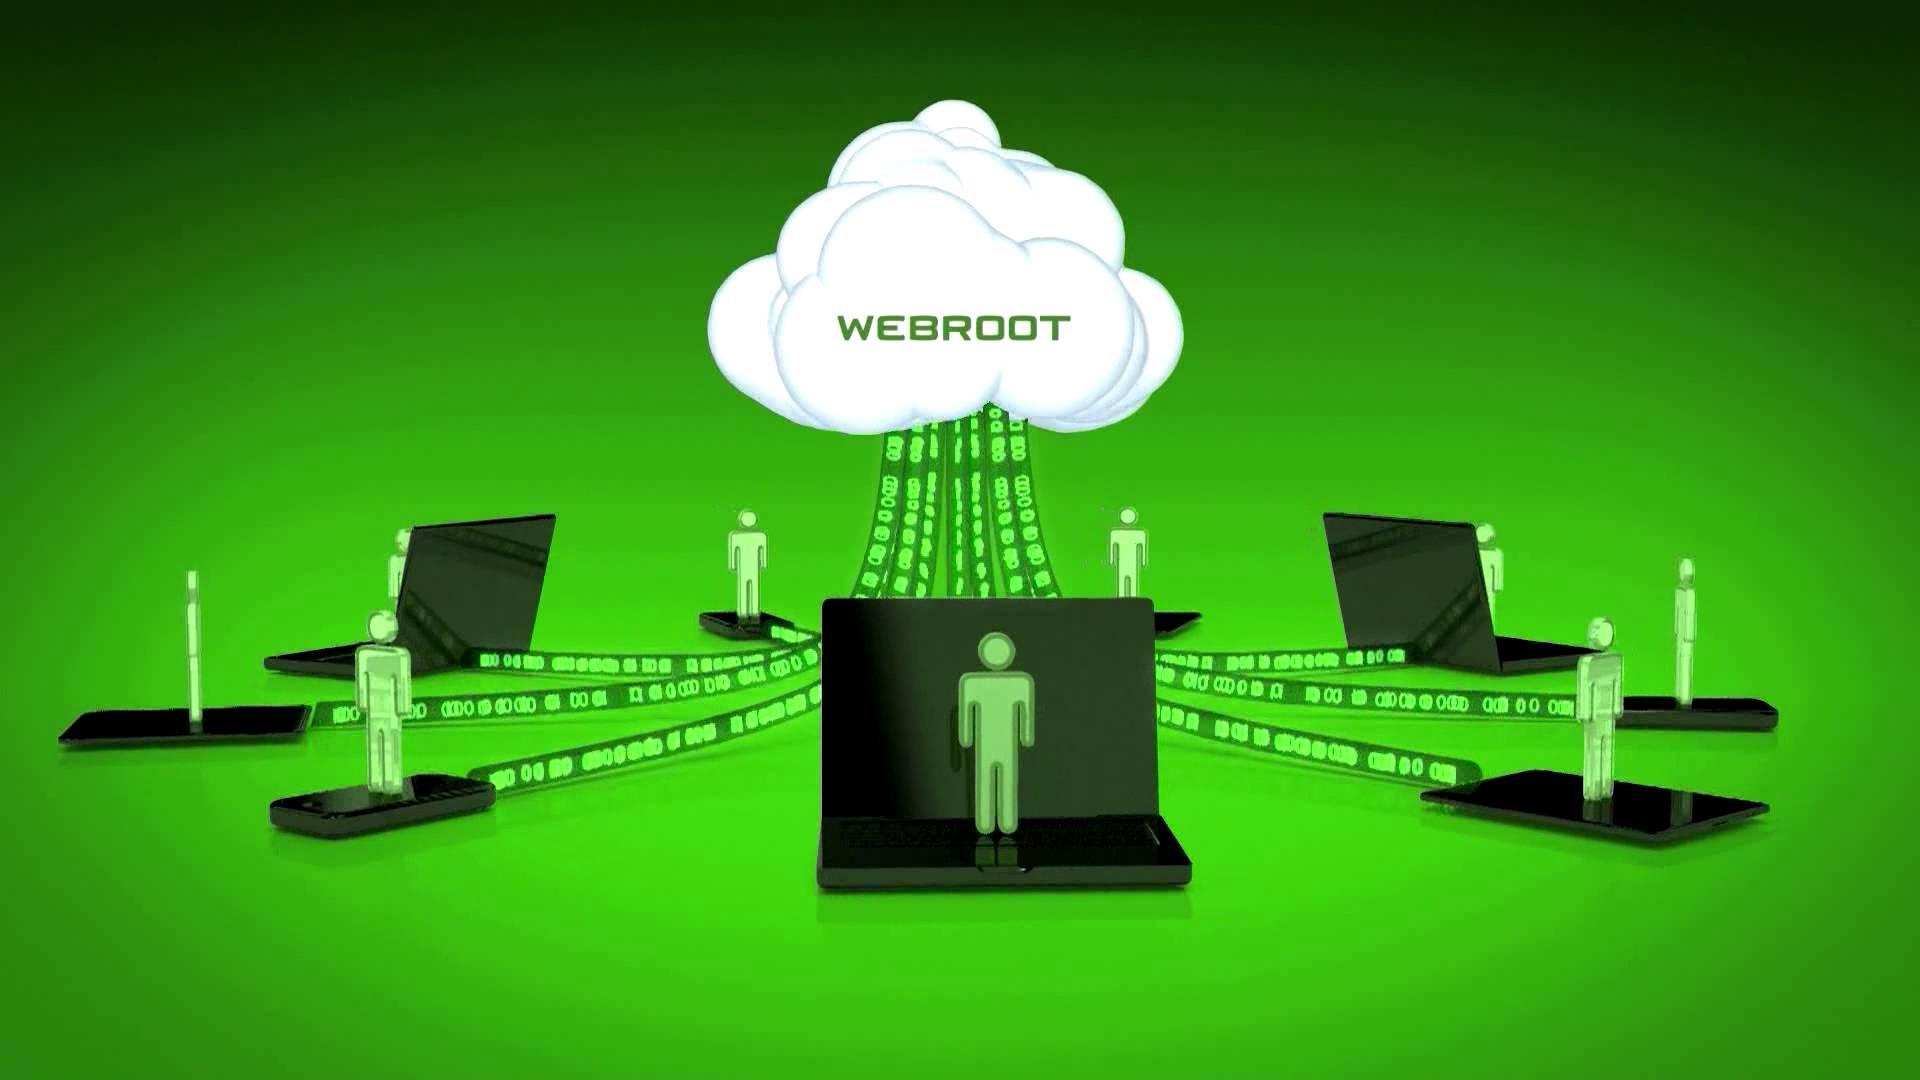 После обновления антивирус Webroot начал уничтожать Windows